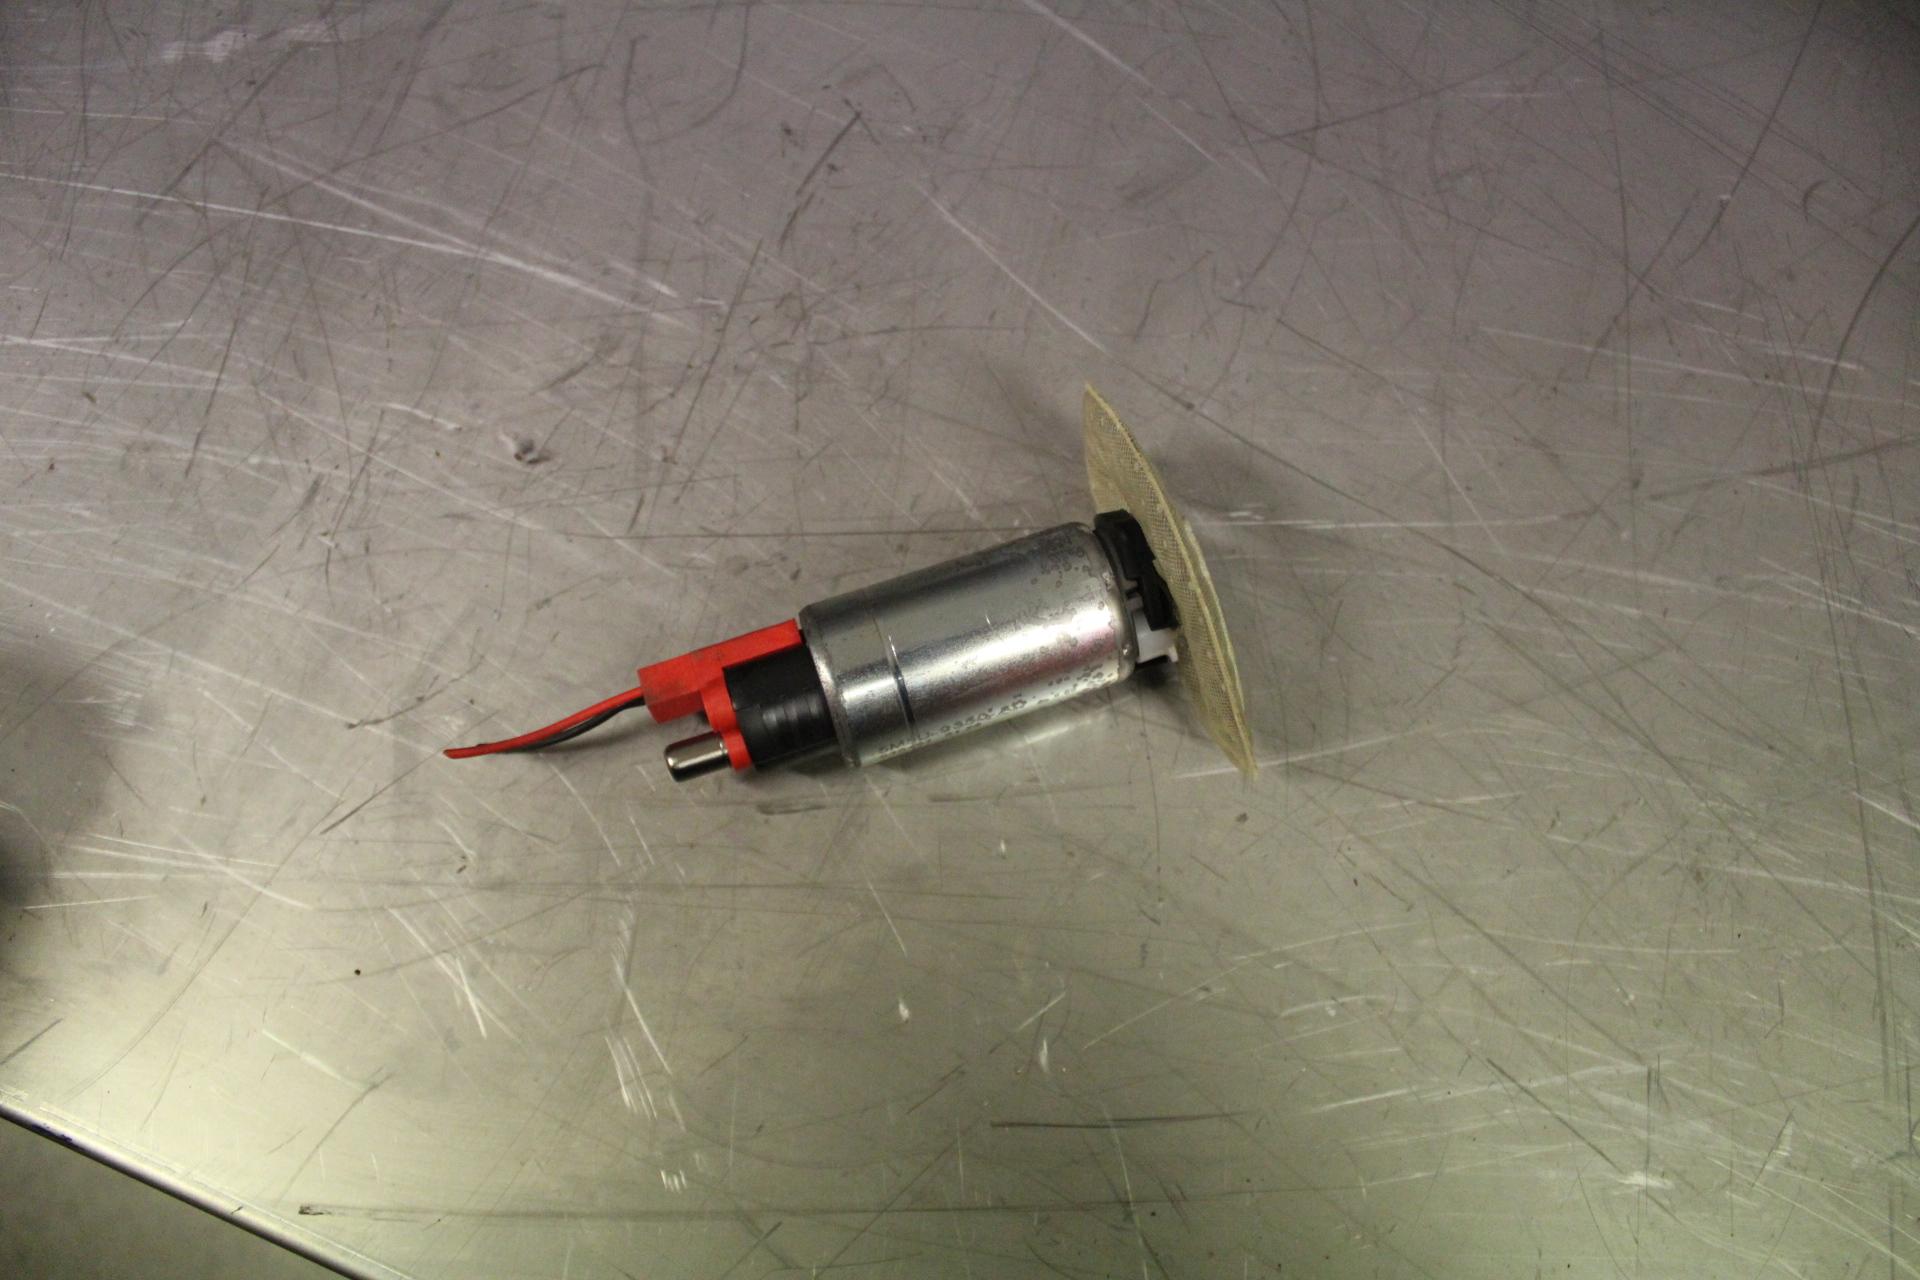 Bränslepump El till FORD FOCUS C-MAX I 2003-2006 VI 1593803 (0)